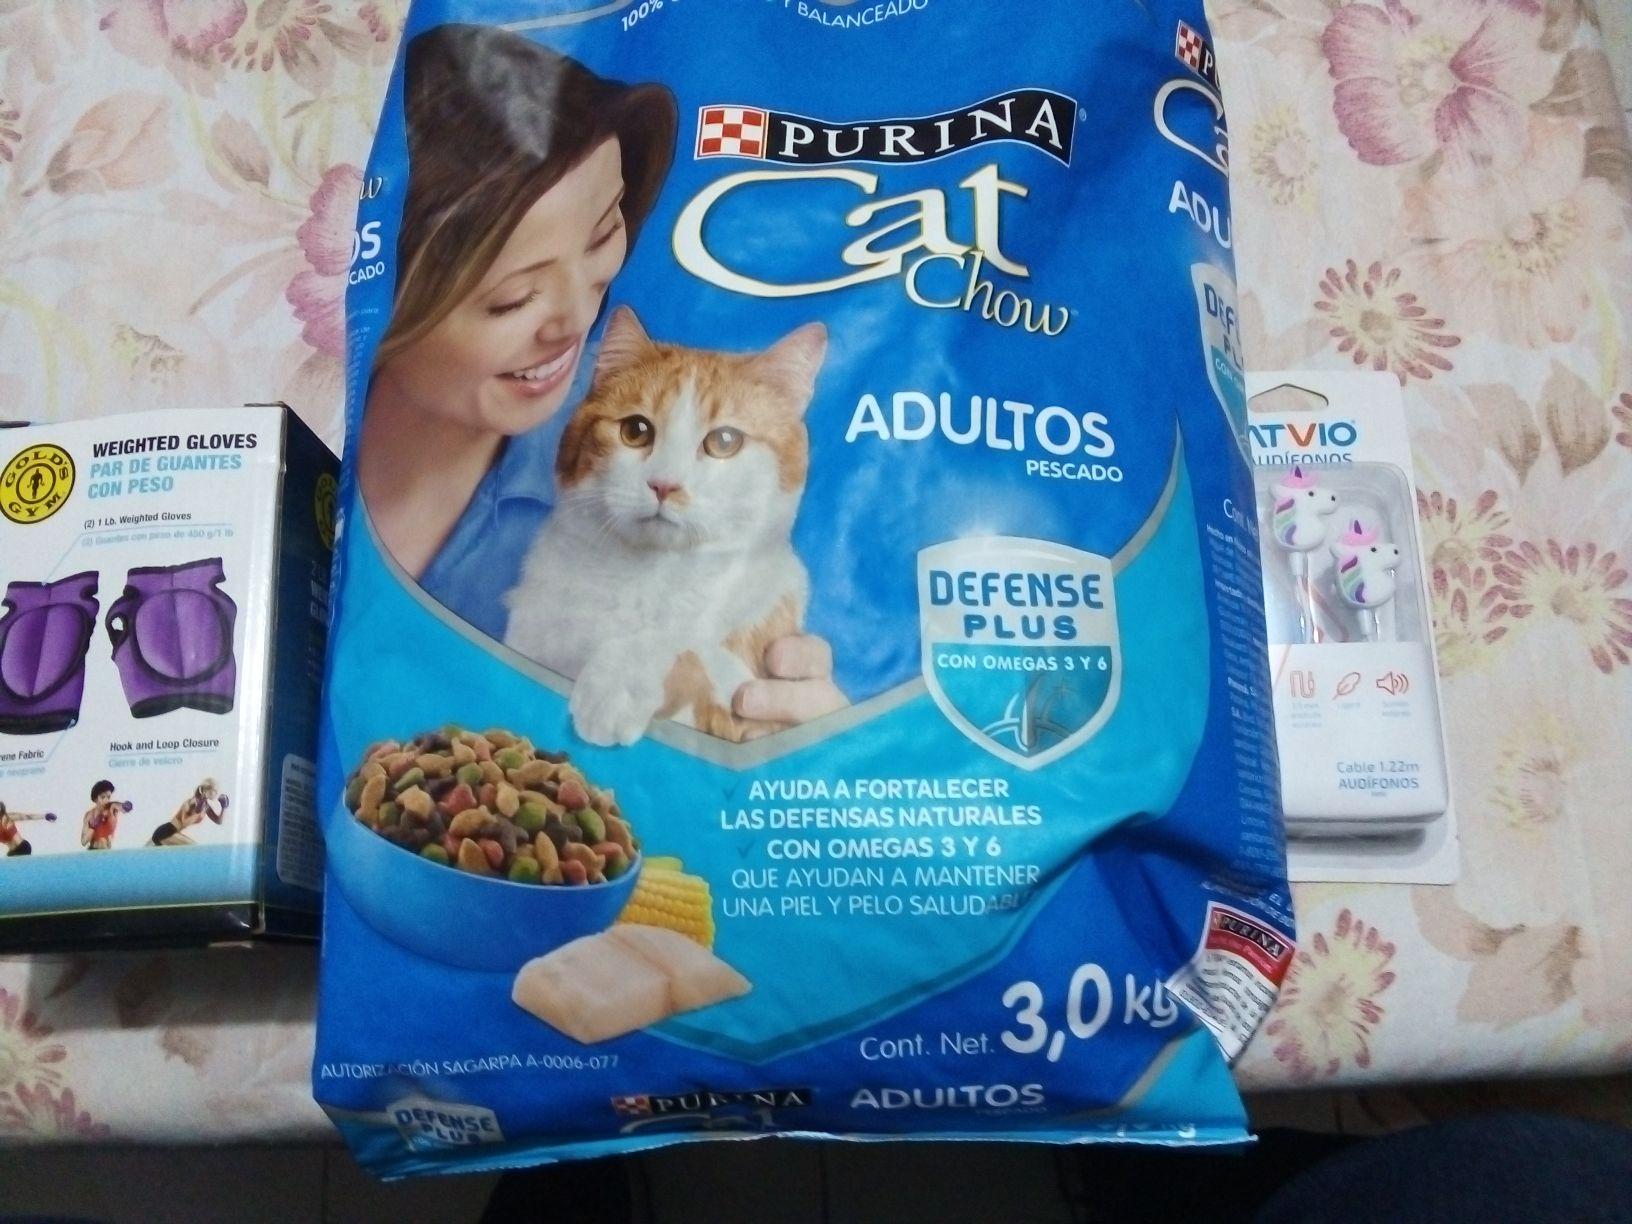 Bodega Aurrera San Agustín en Ecatepec: Cat Chow 3kg y más